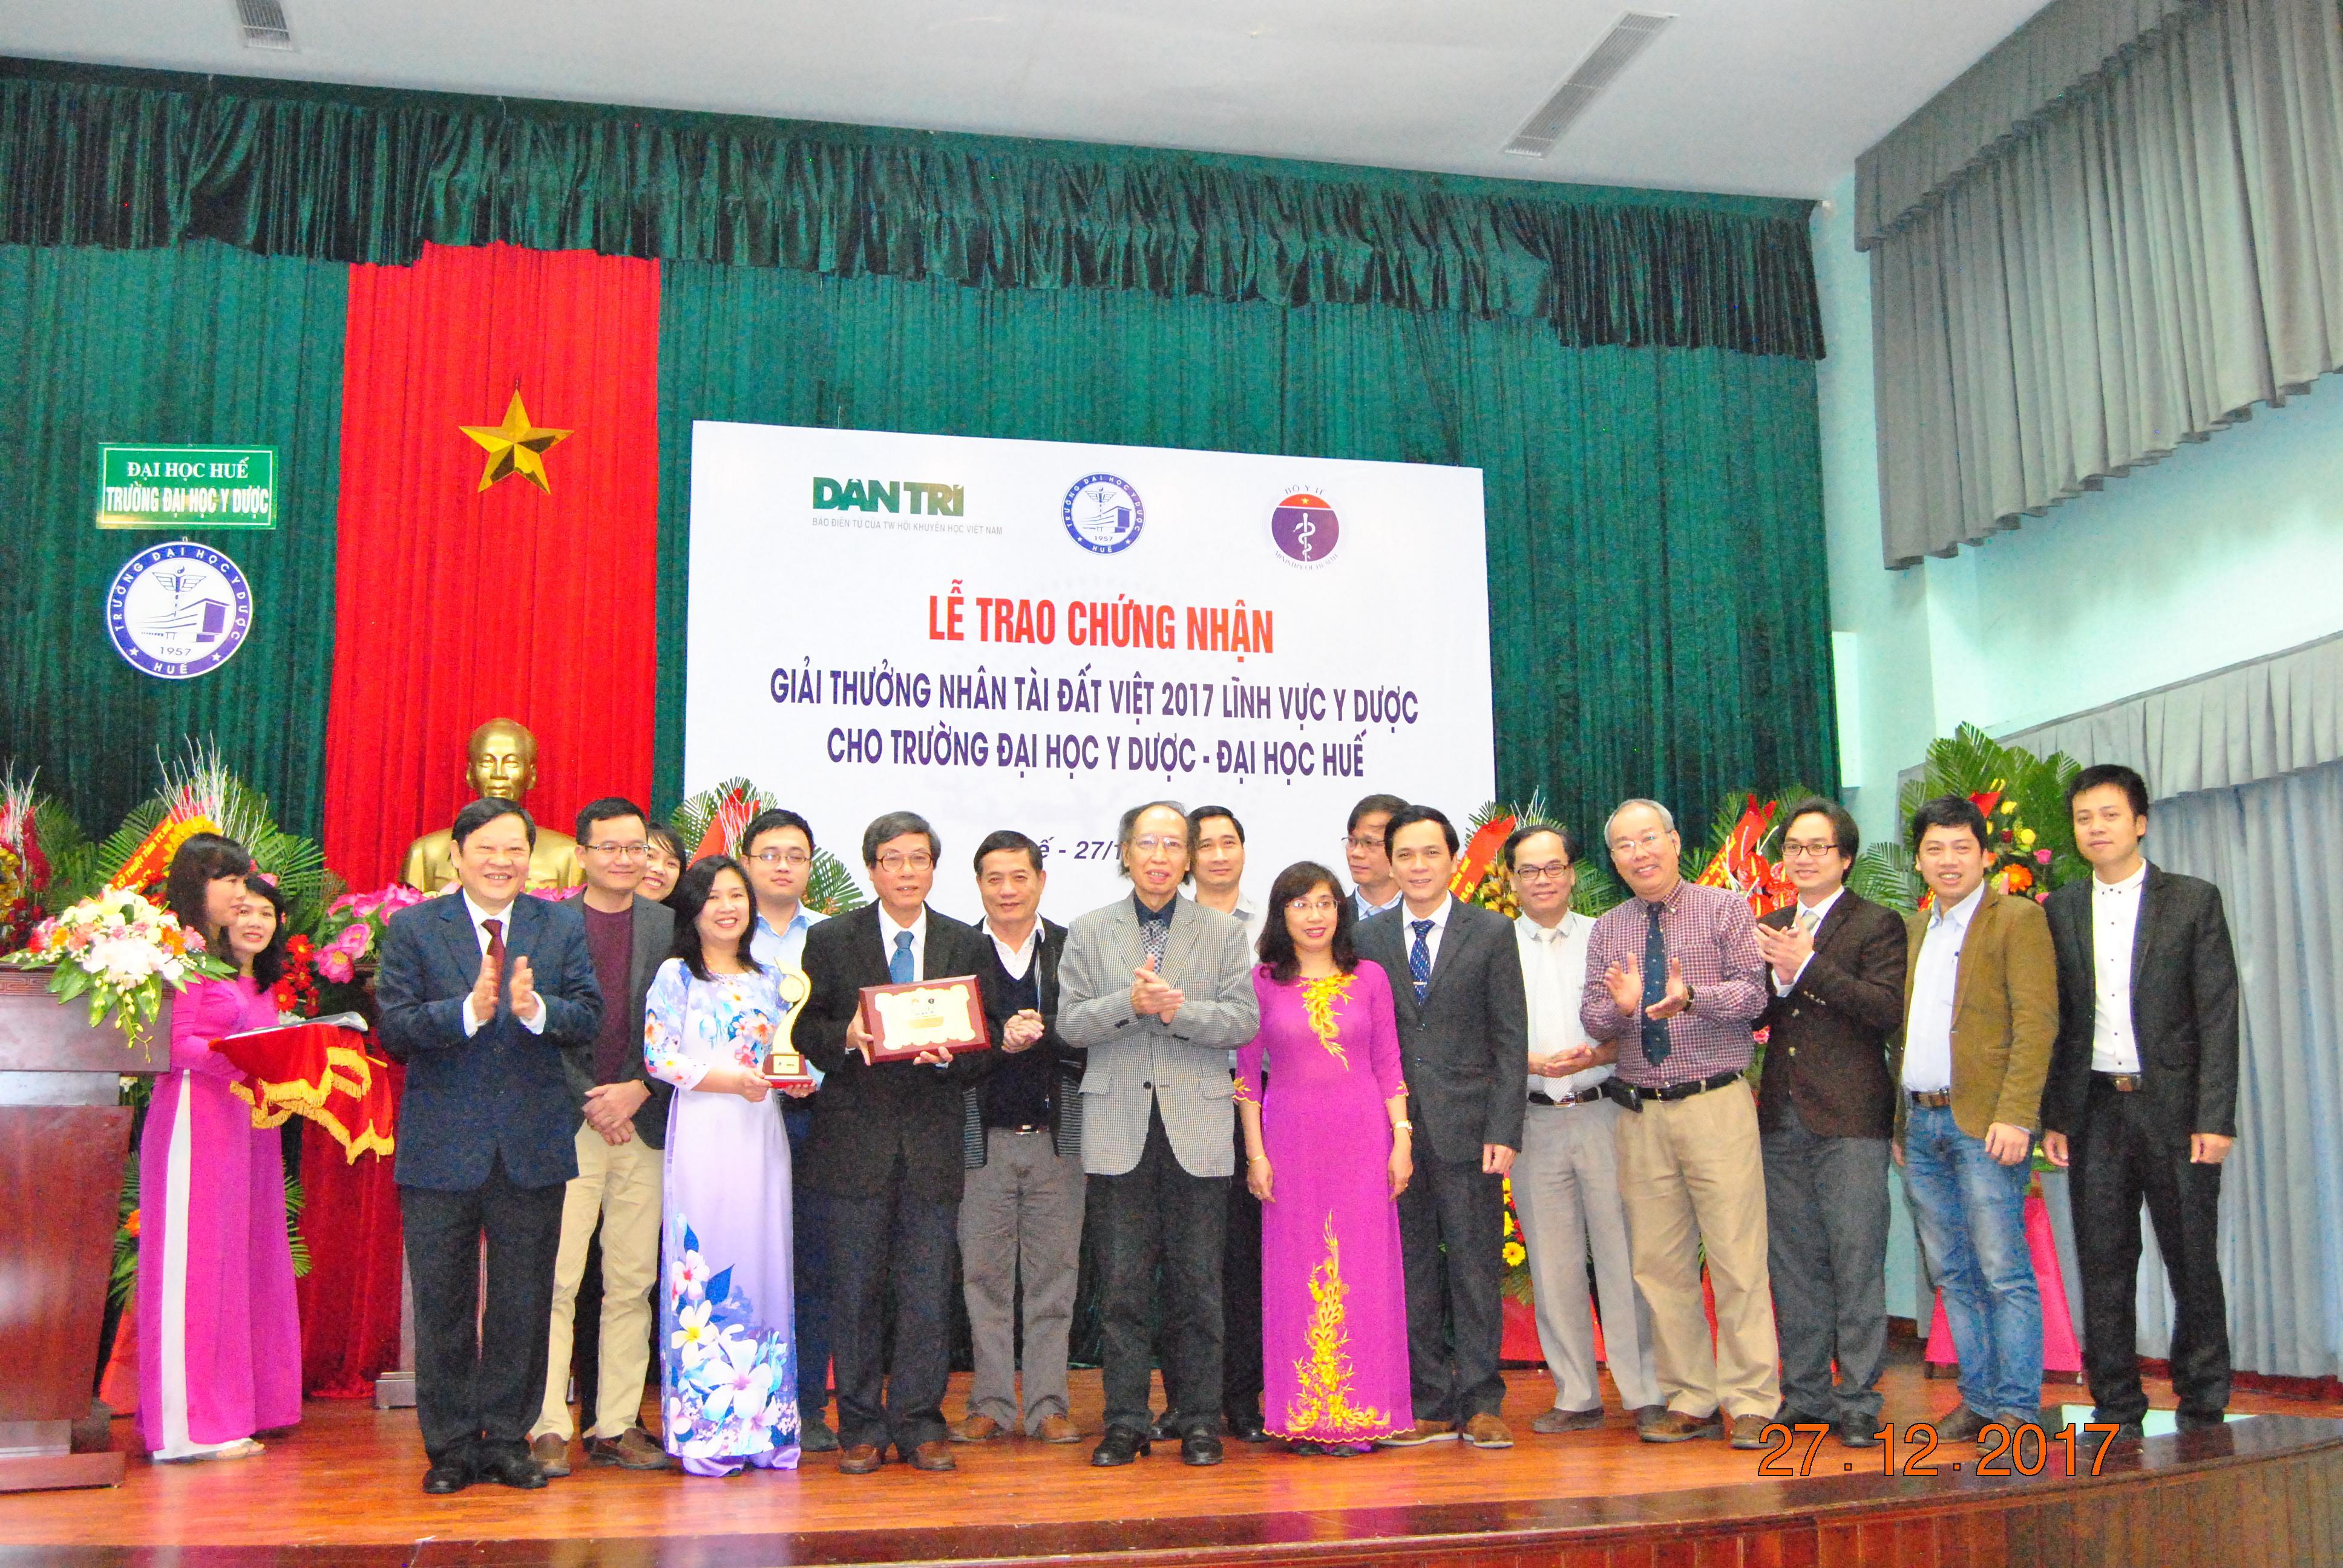 Trường Đại học Y Dược Huế nhận chứng nhận giải thưởng Nhân tài Đất Việt  2017 lĩnh vực Y dược.